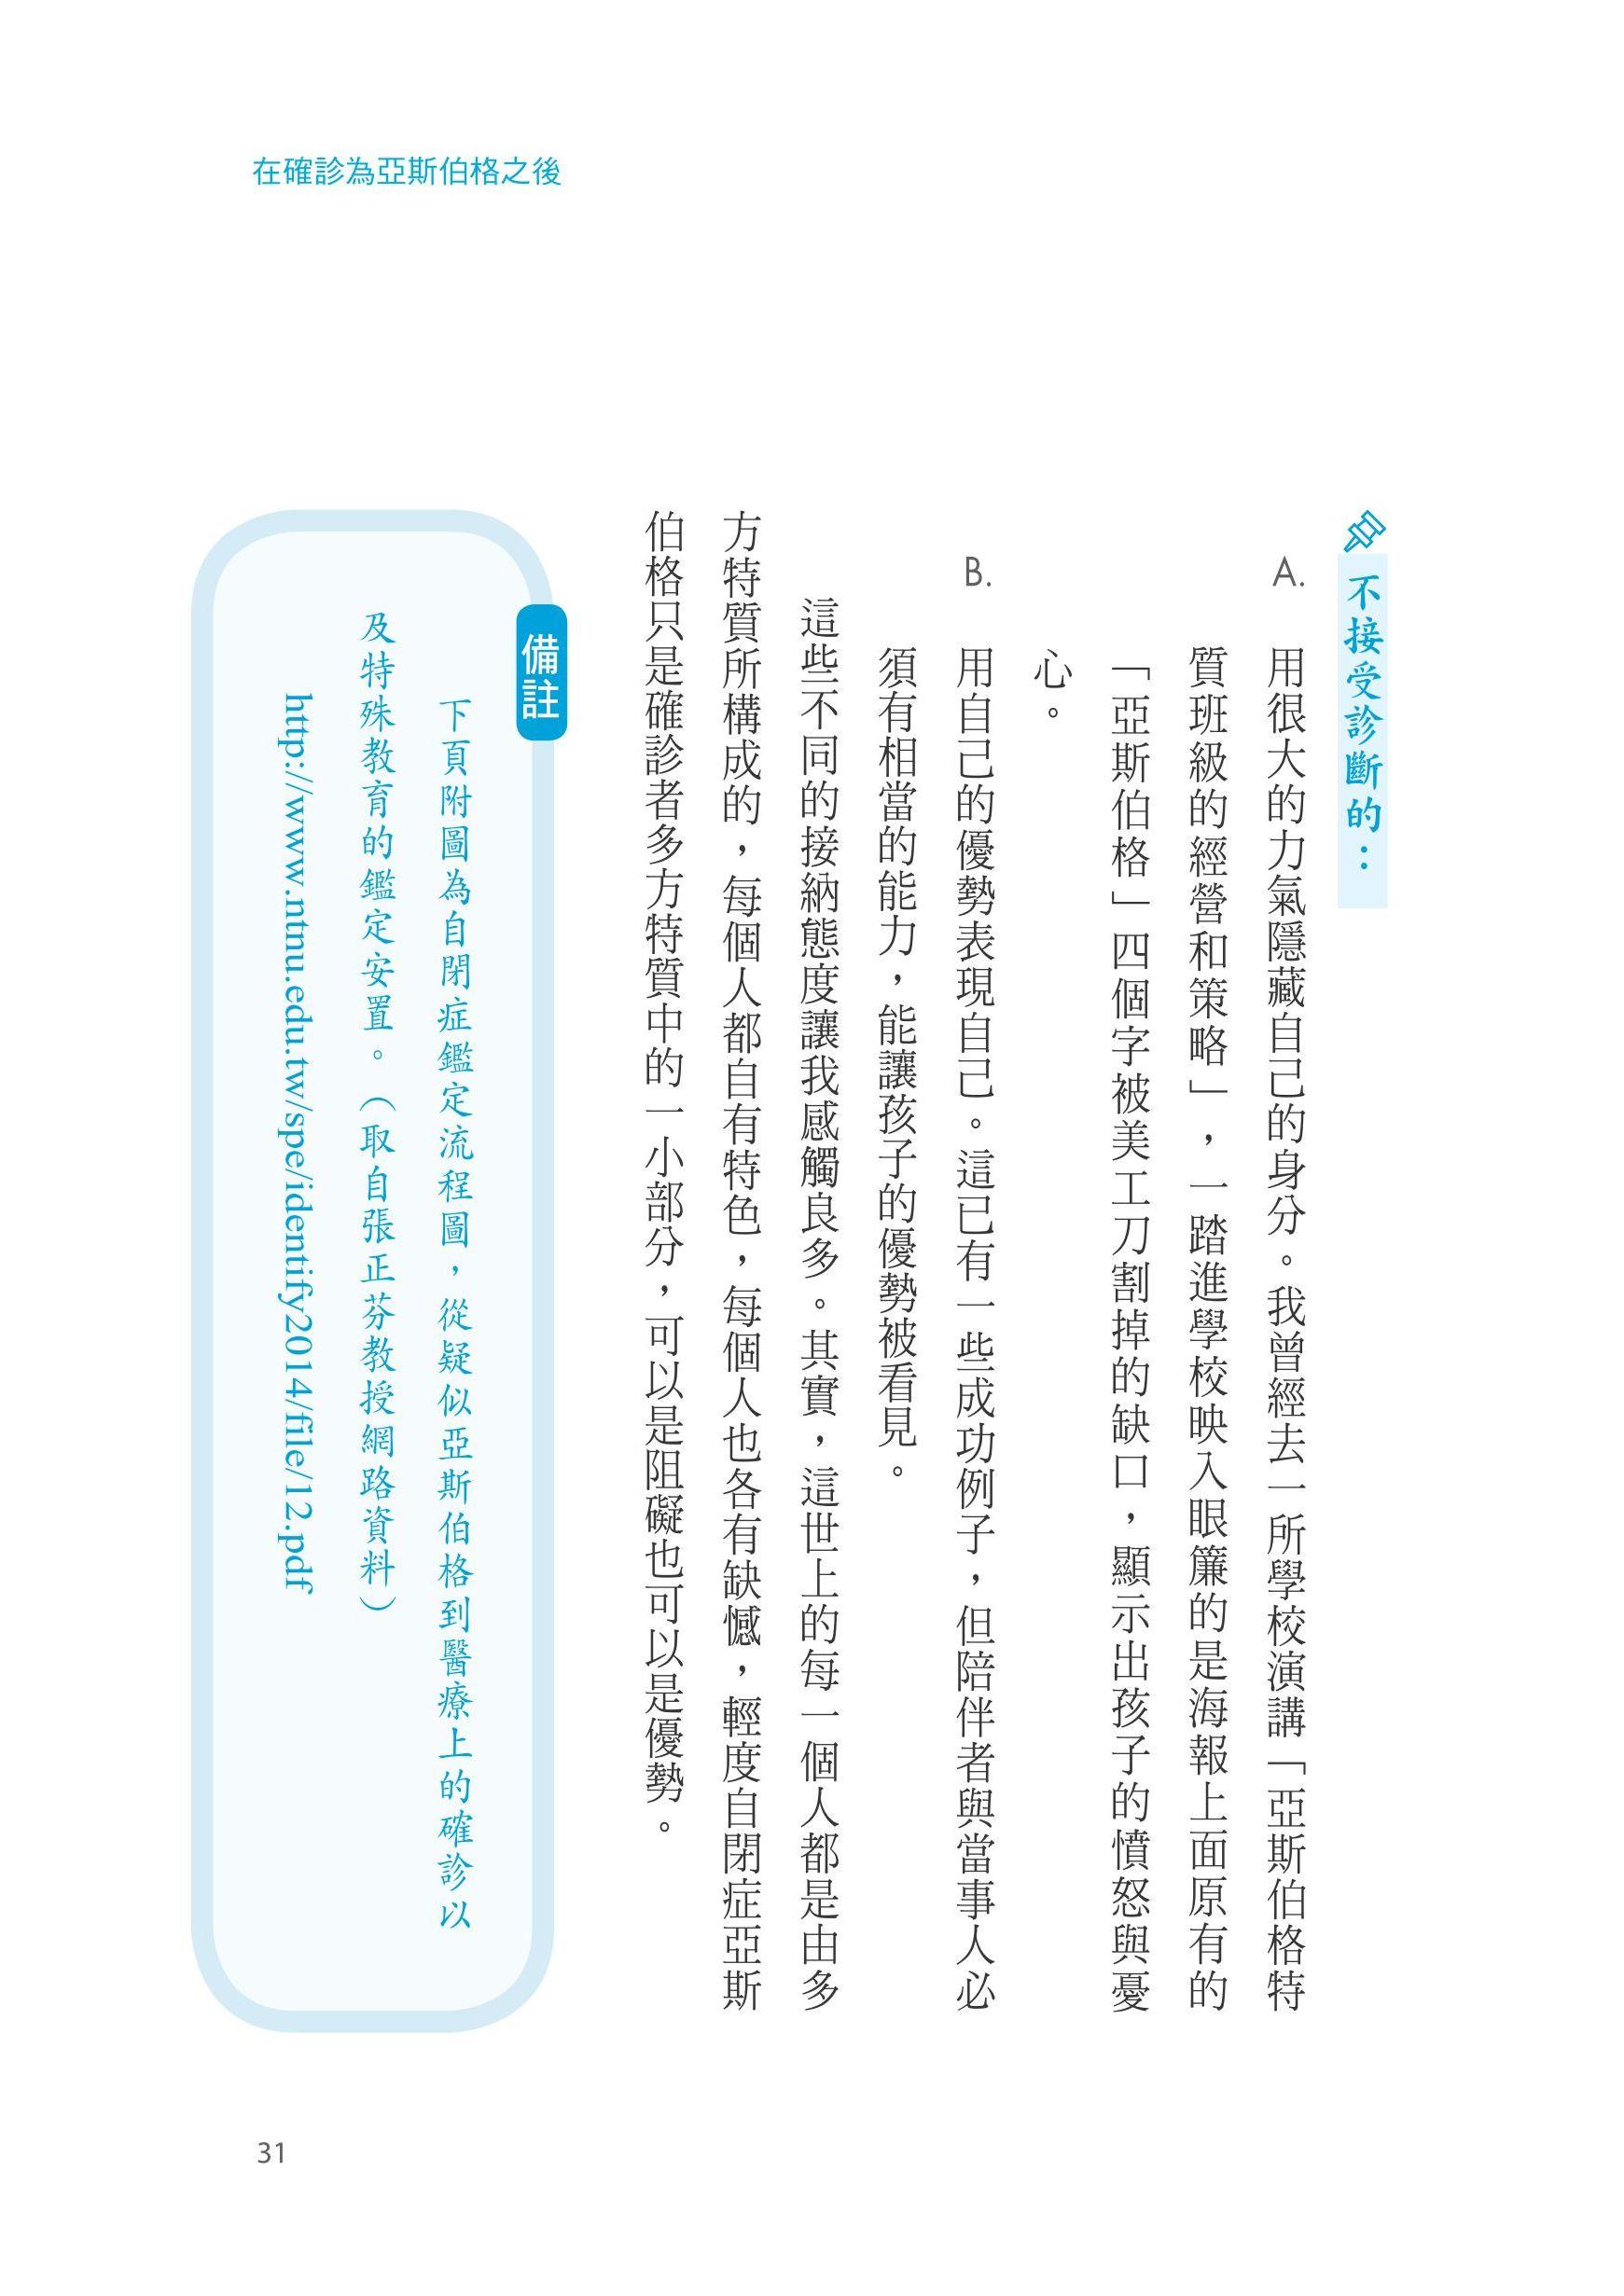 http://im1.book.com.tw/image/getImage?i=http://www.books.com.tw/img/001/070/14/0010701462_b_06.jpg&v=567a7837&w=655&h=609